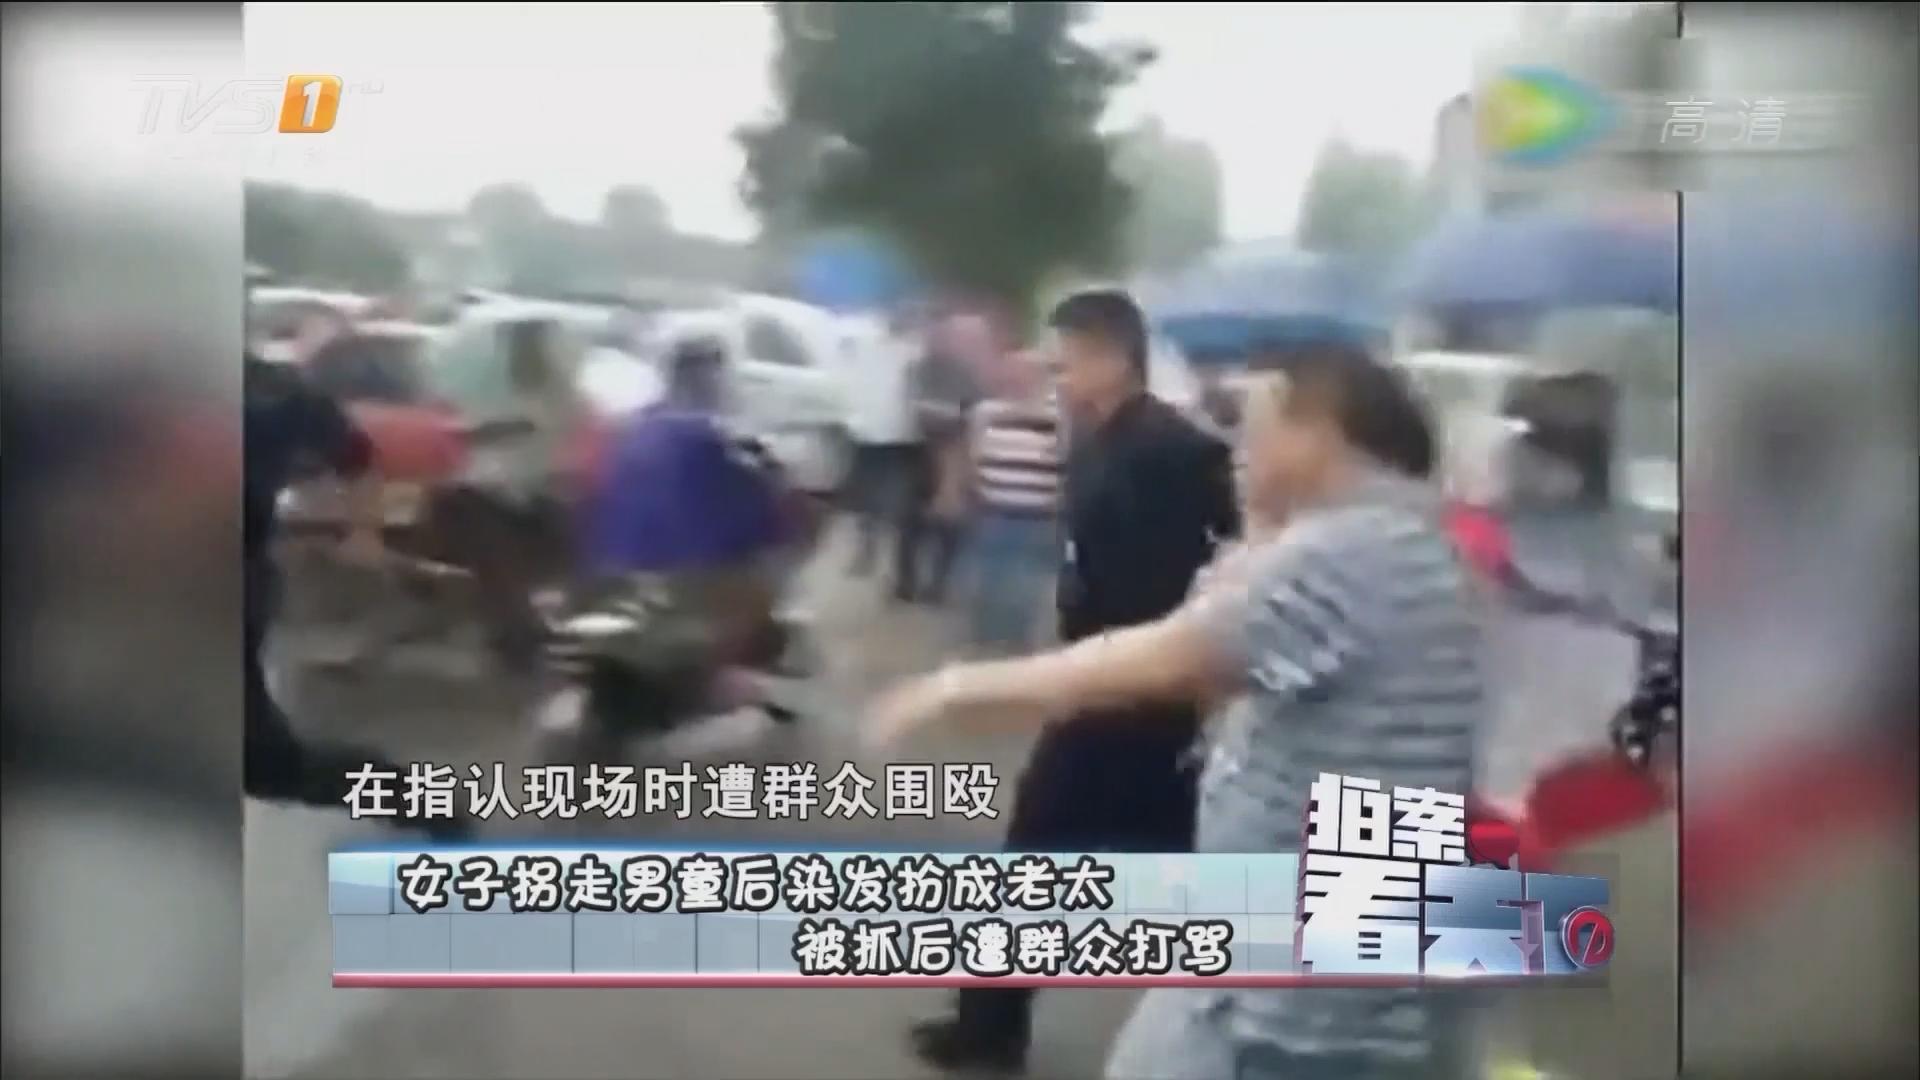 女子拐走男童后染发扮成老太 被抓后遭群众打骂